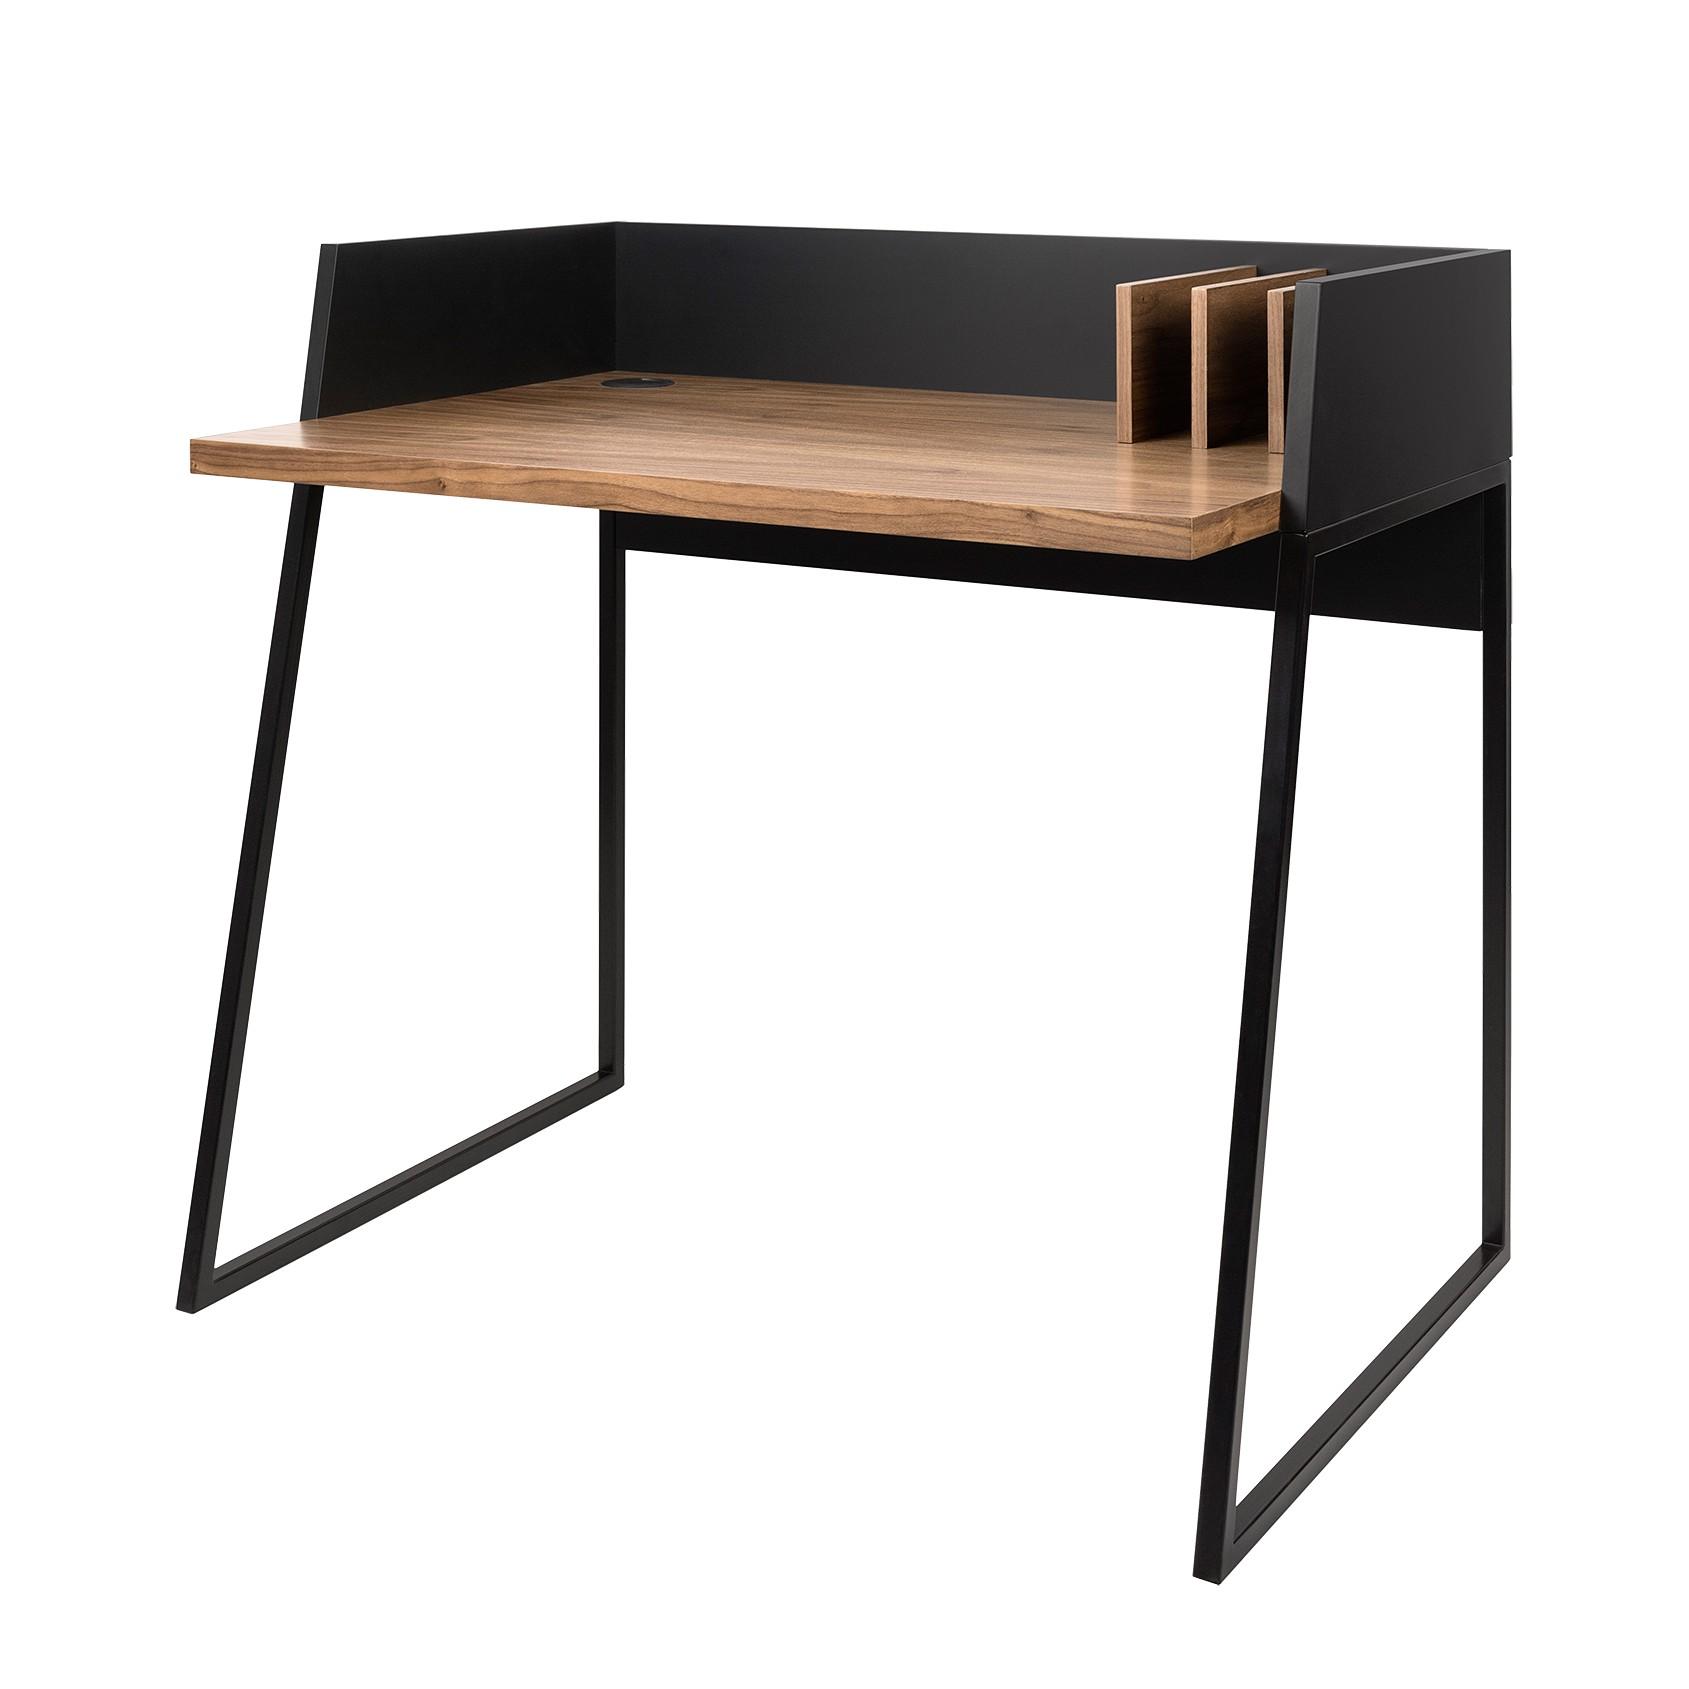 Schreibtisch Volga   Walnuss / Schwarz, Loftscape